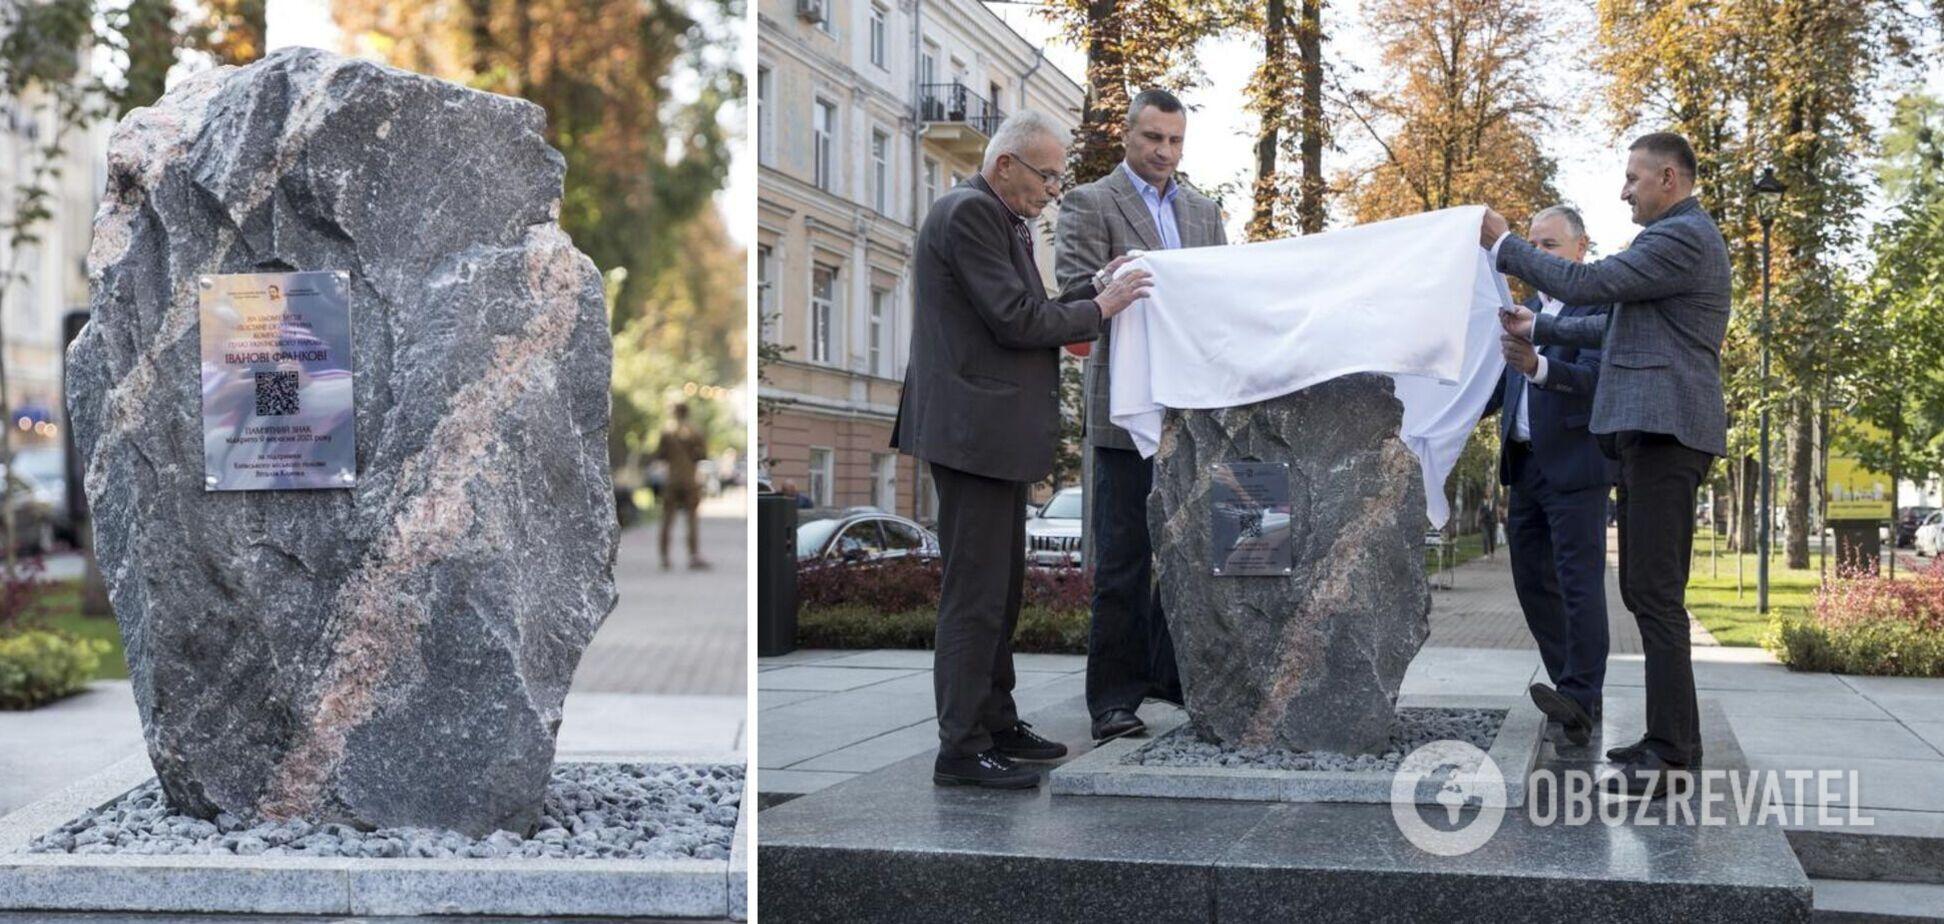 У Києві заклали камінь на місці, де встановлять скульптуру Івана Франка. Фото